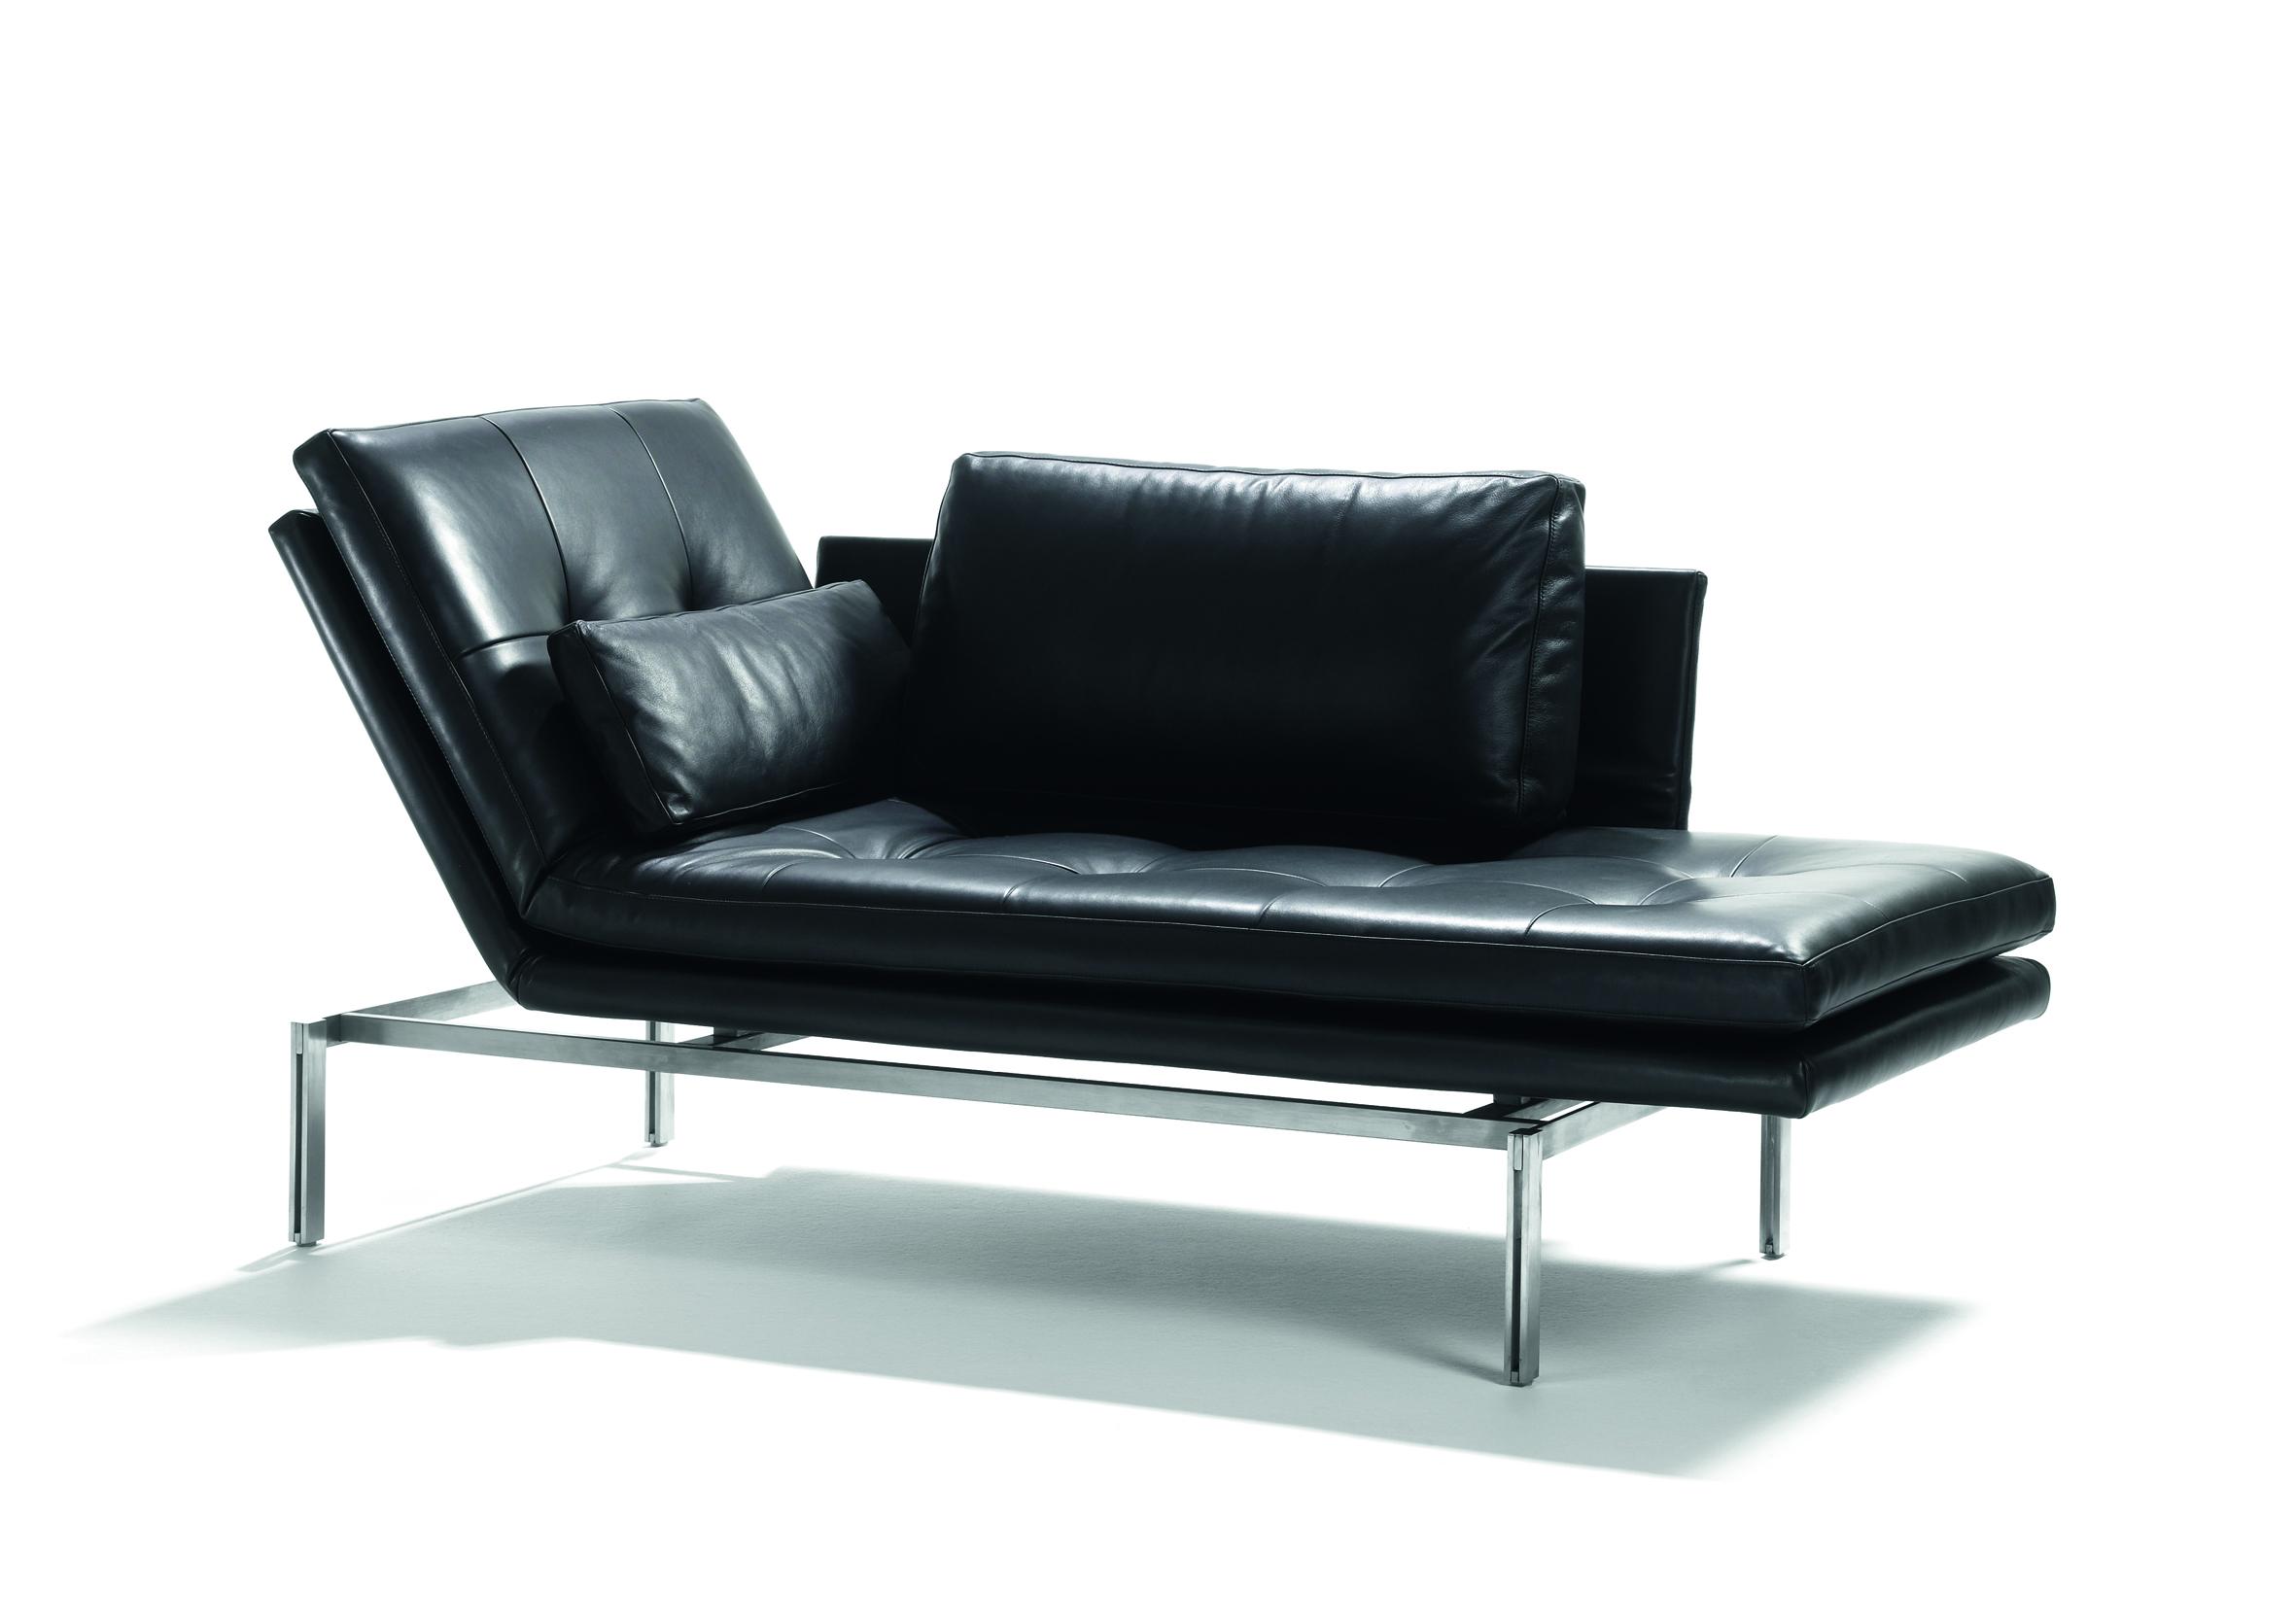 Möbel TAUSCH - einrichten - Liege Fidu